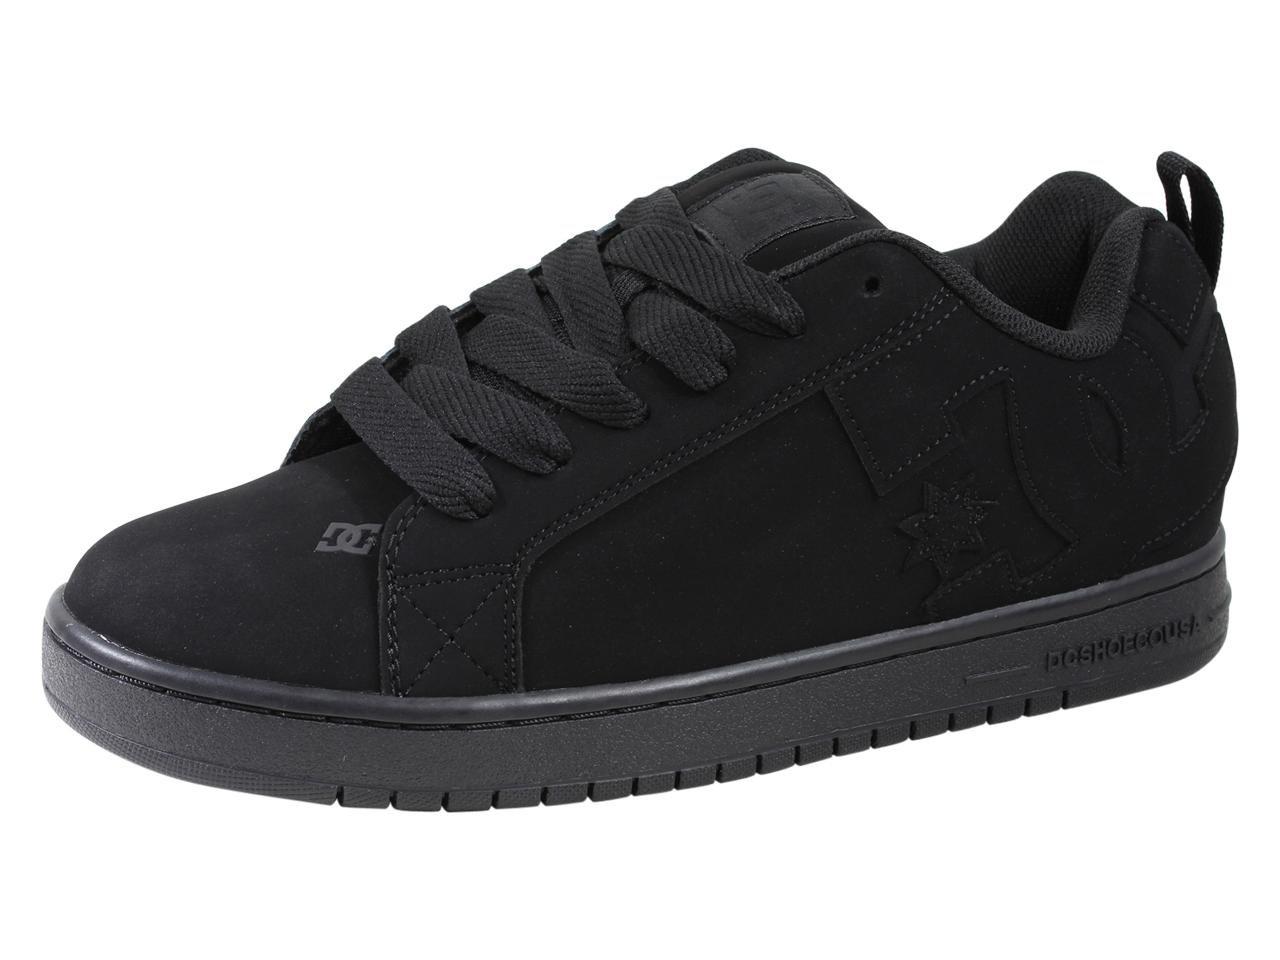 DC Shoes Men's Court Graffik Shoes Black/Black/Black 9.5